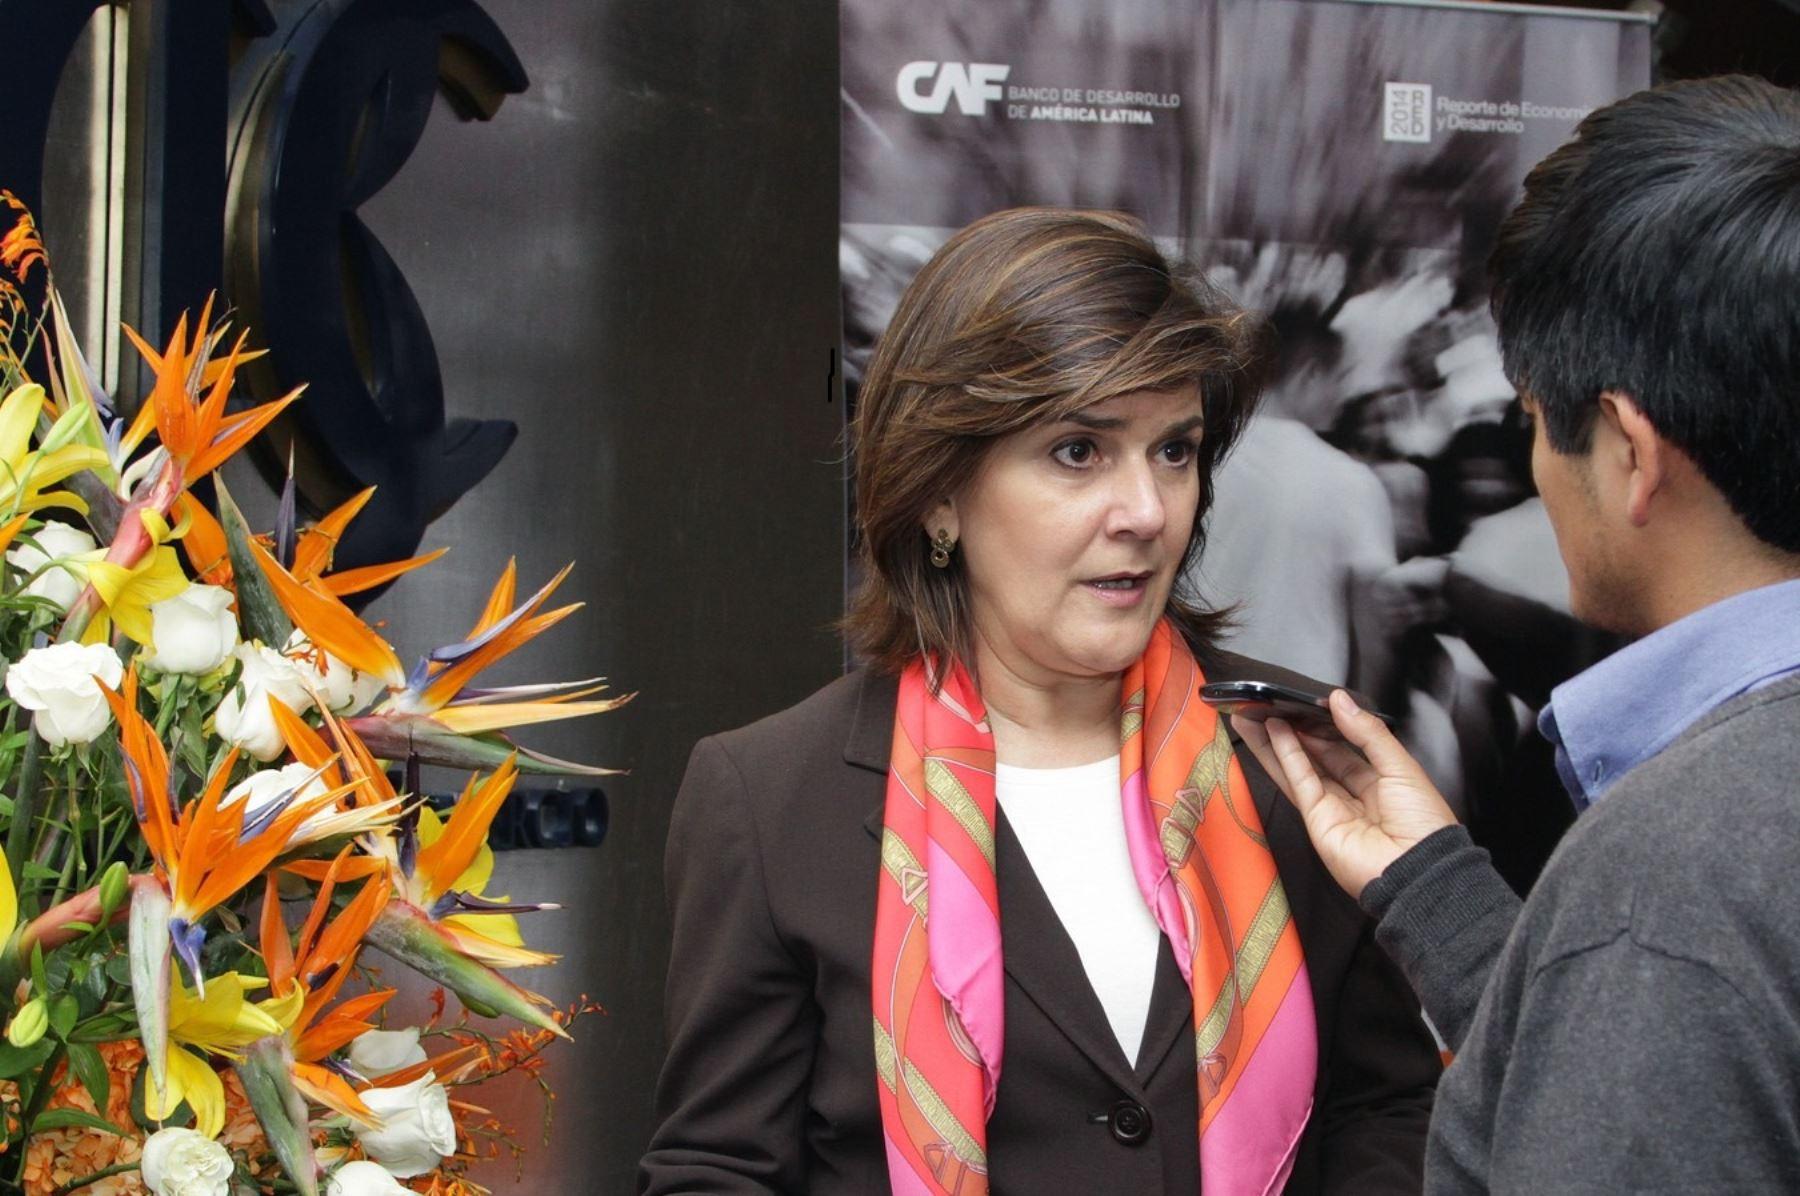 Directora representante en Perú de la CAF, Eleonora Silva.